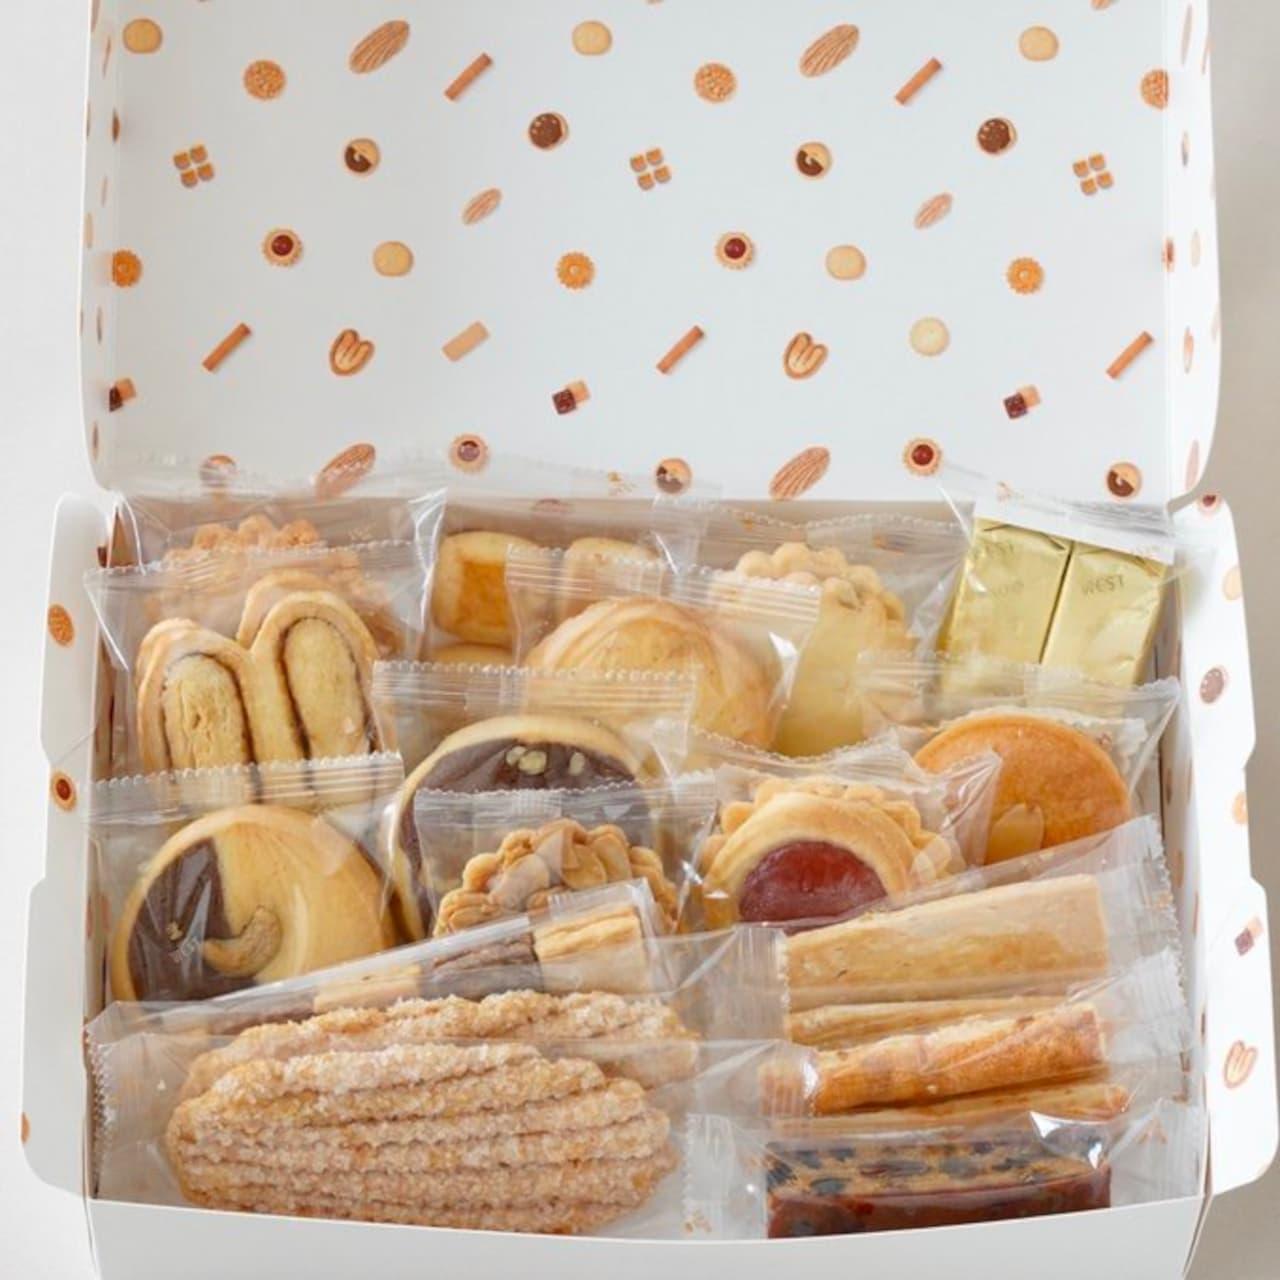 銀座ウエスト「パウンドケーキ」「全種セットDC-ALL」など店舗限定スイーツ